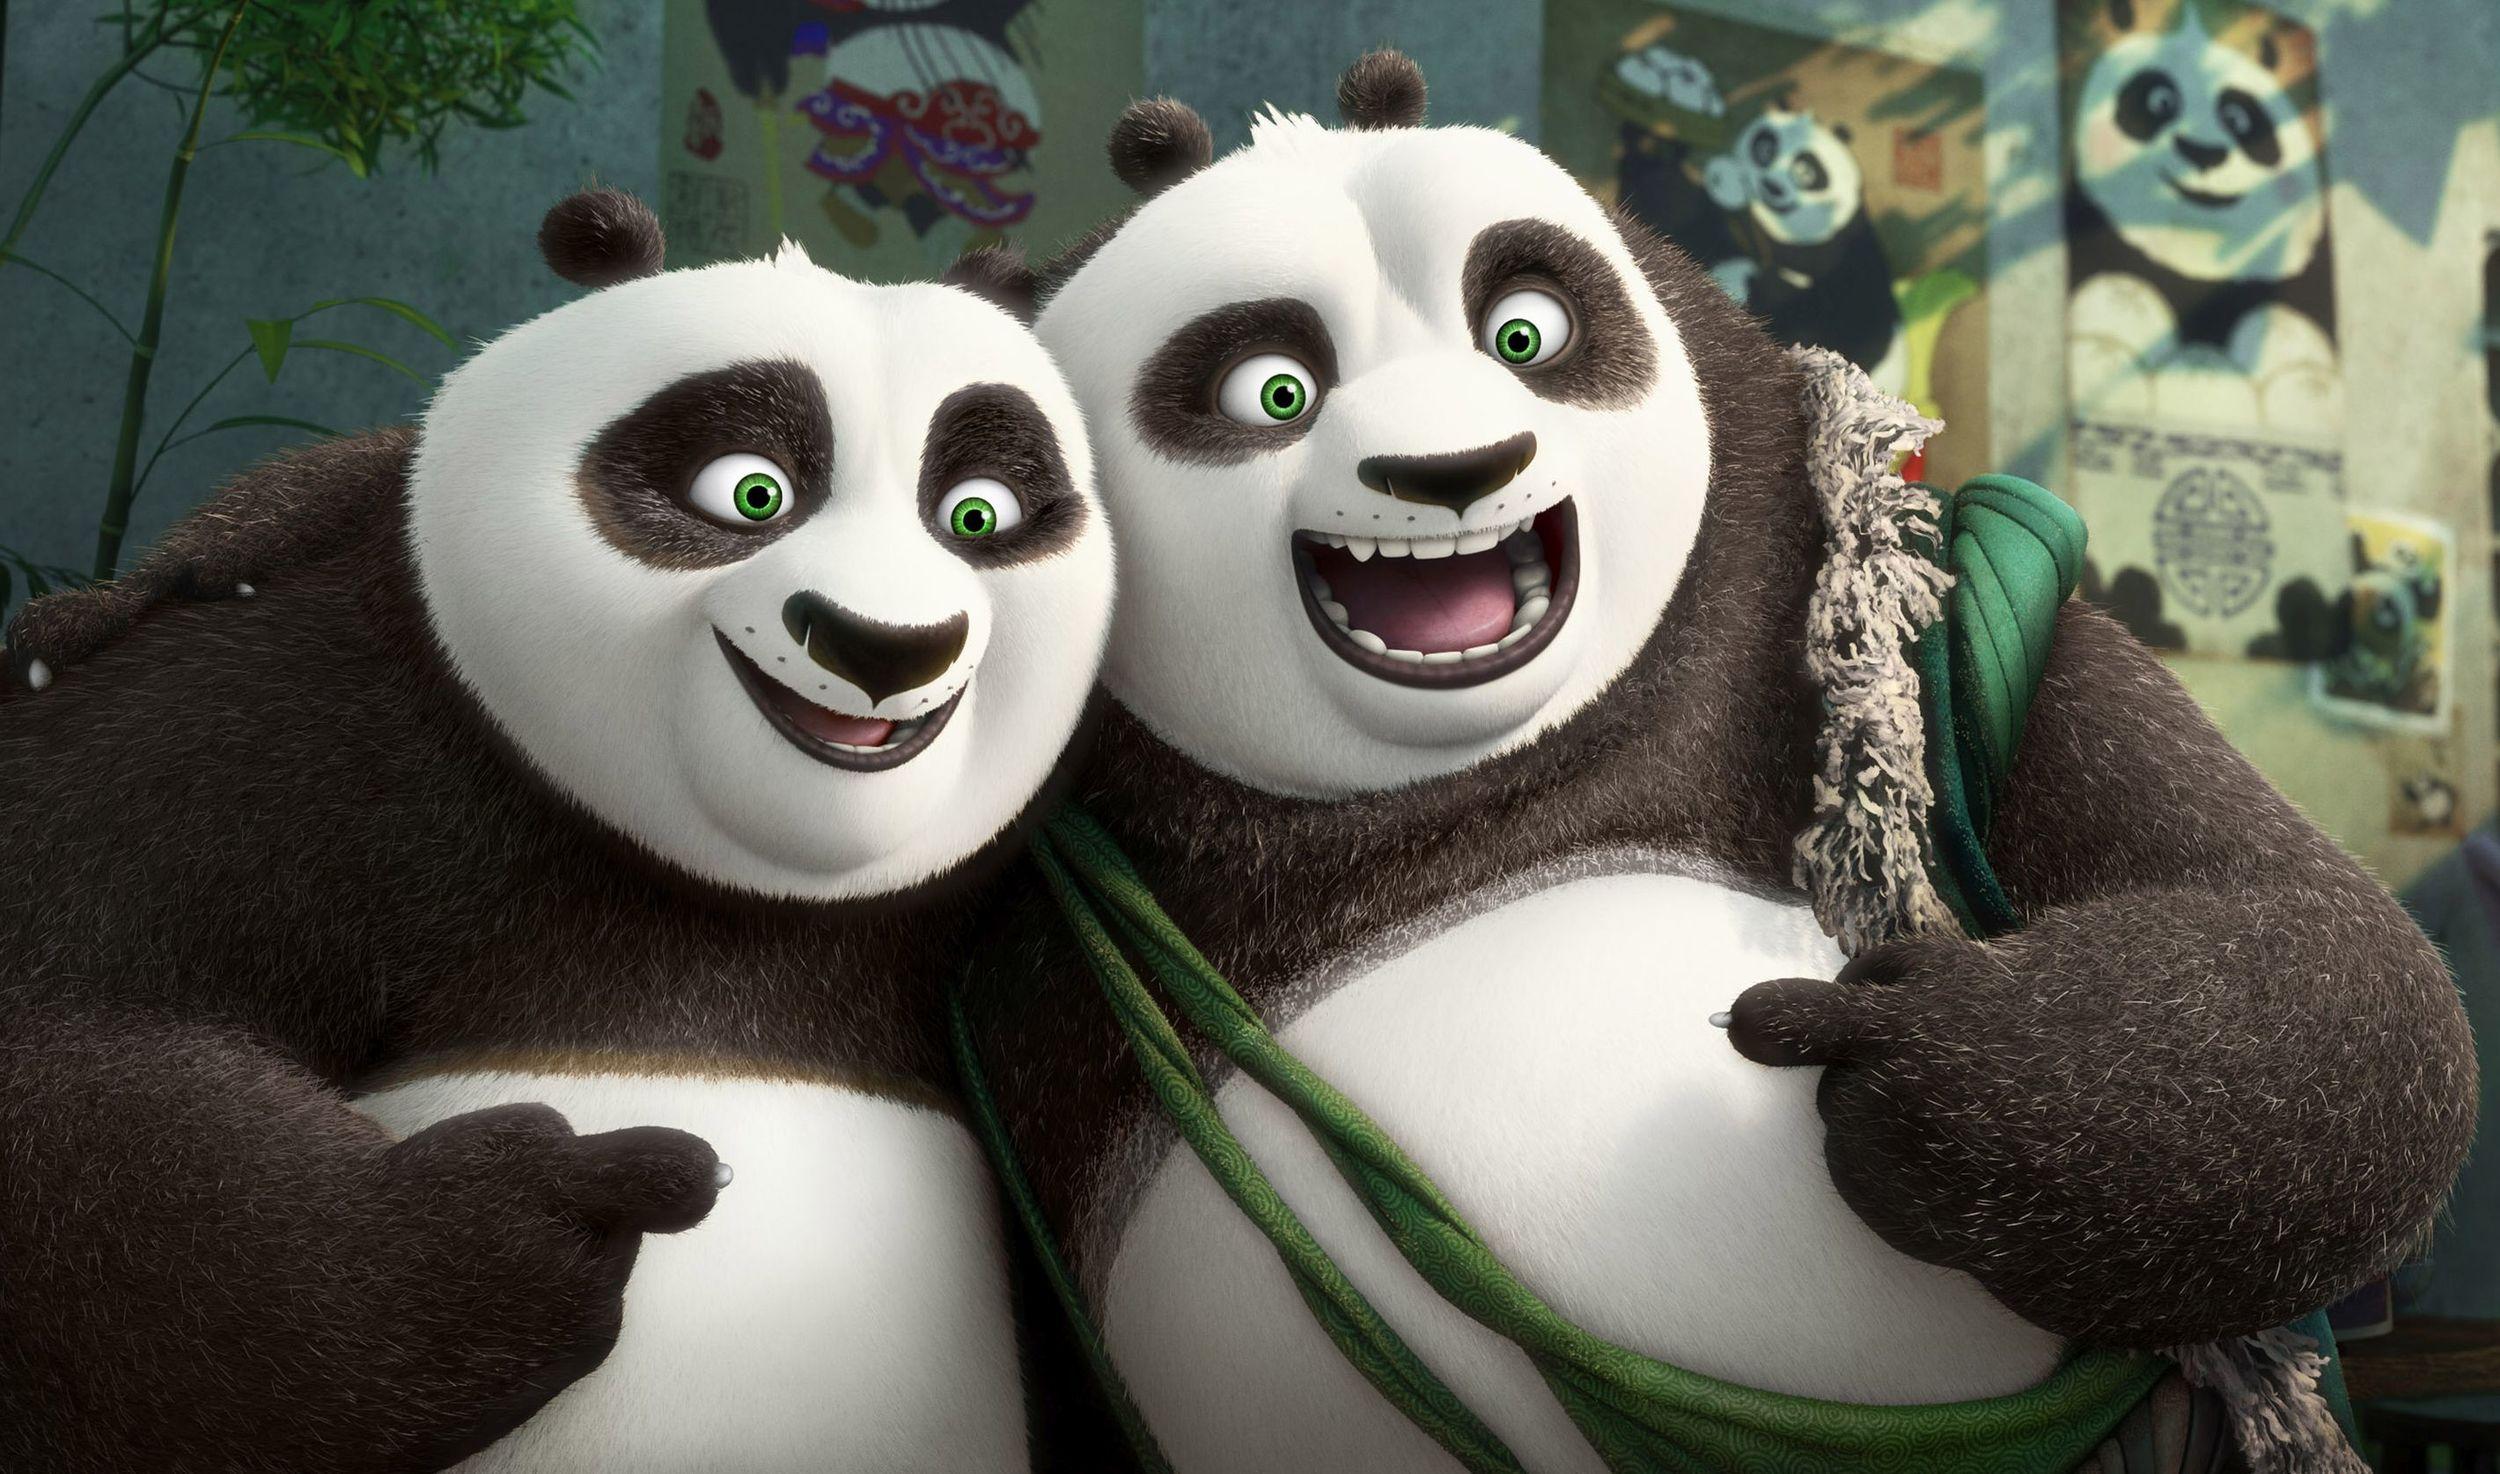 (Image courtesy of DreamWorks Animation via EPK.TV)